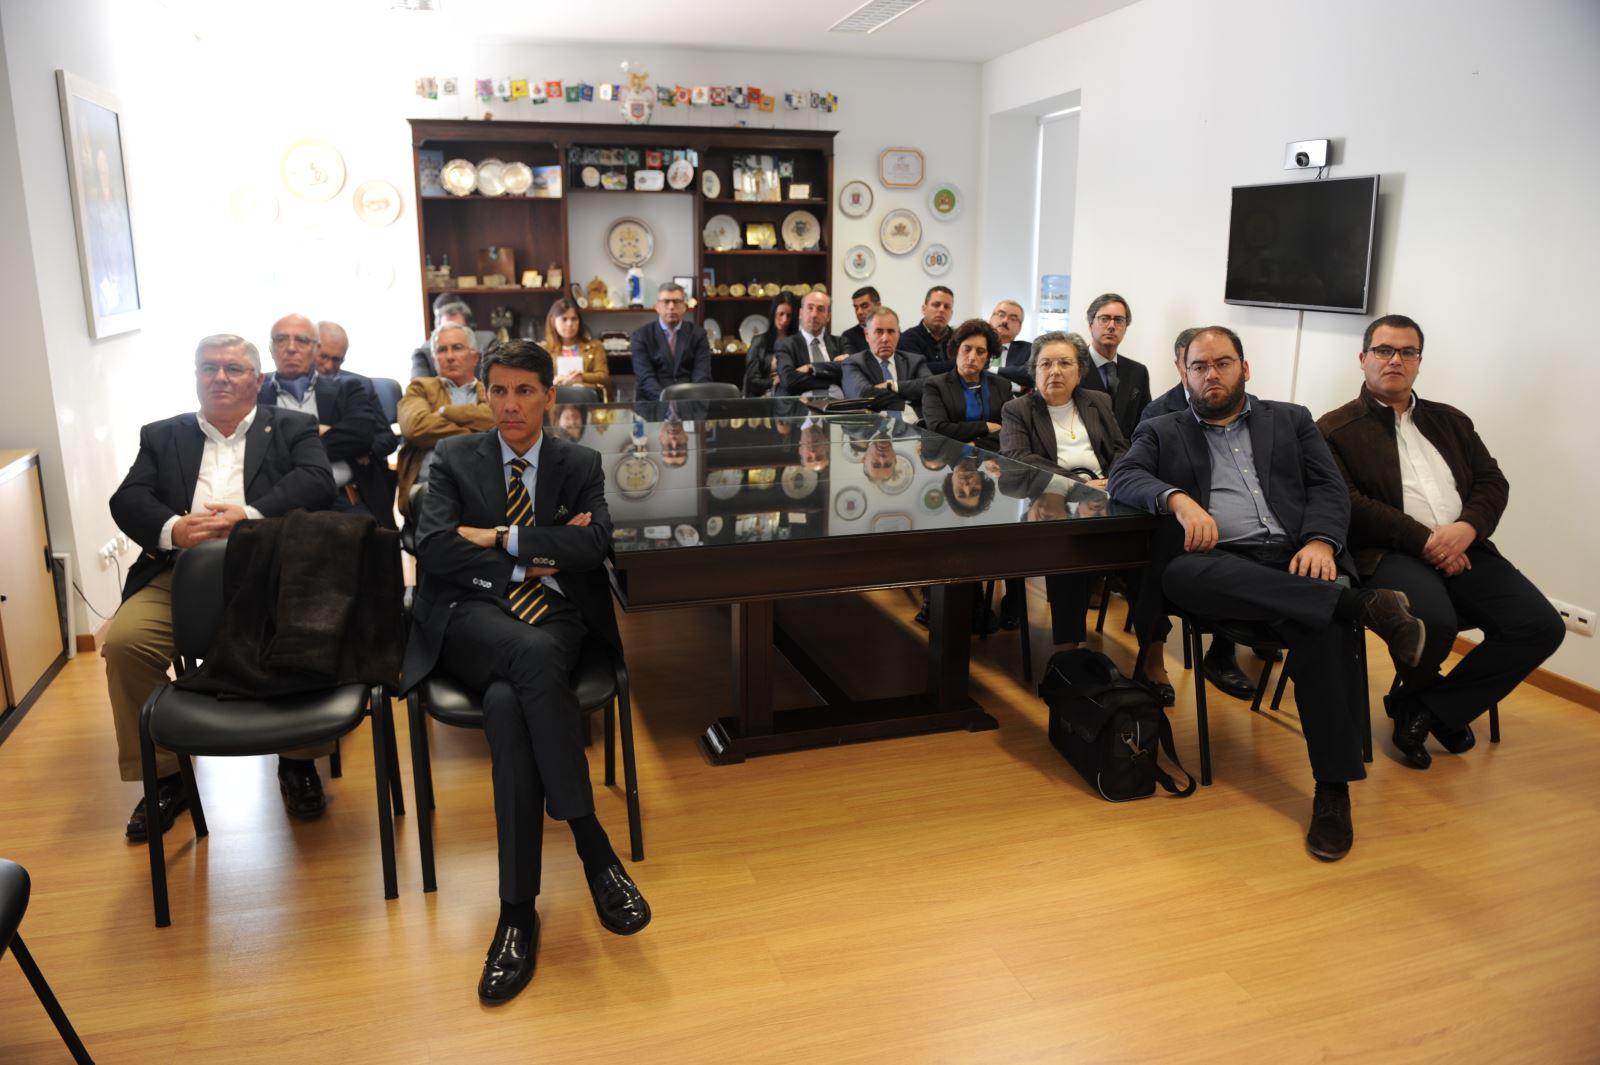 Novos provedores recebidos na sede da UMP em Lisboa